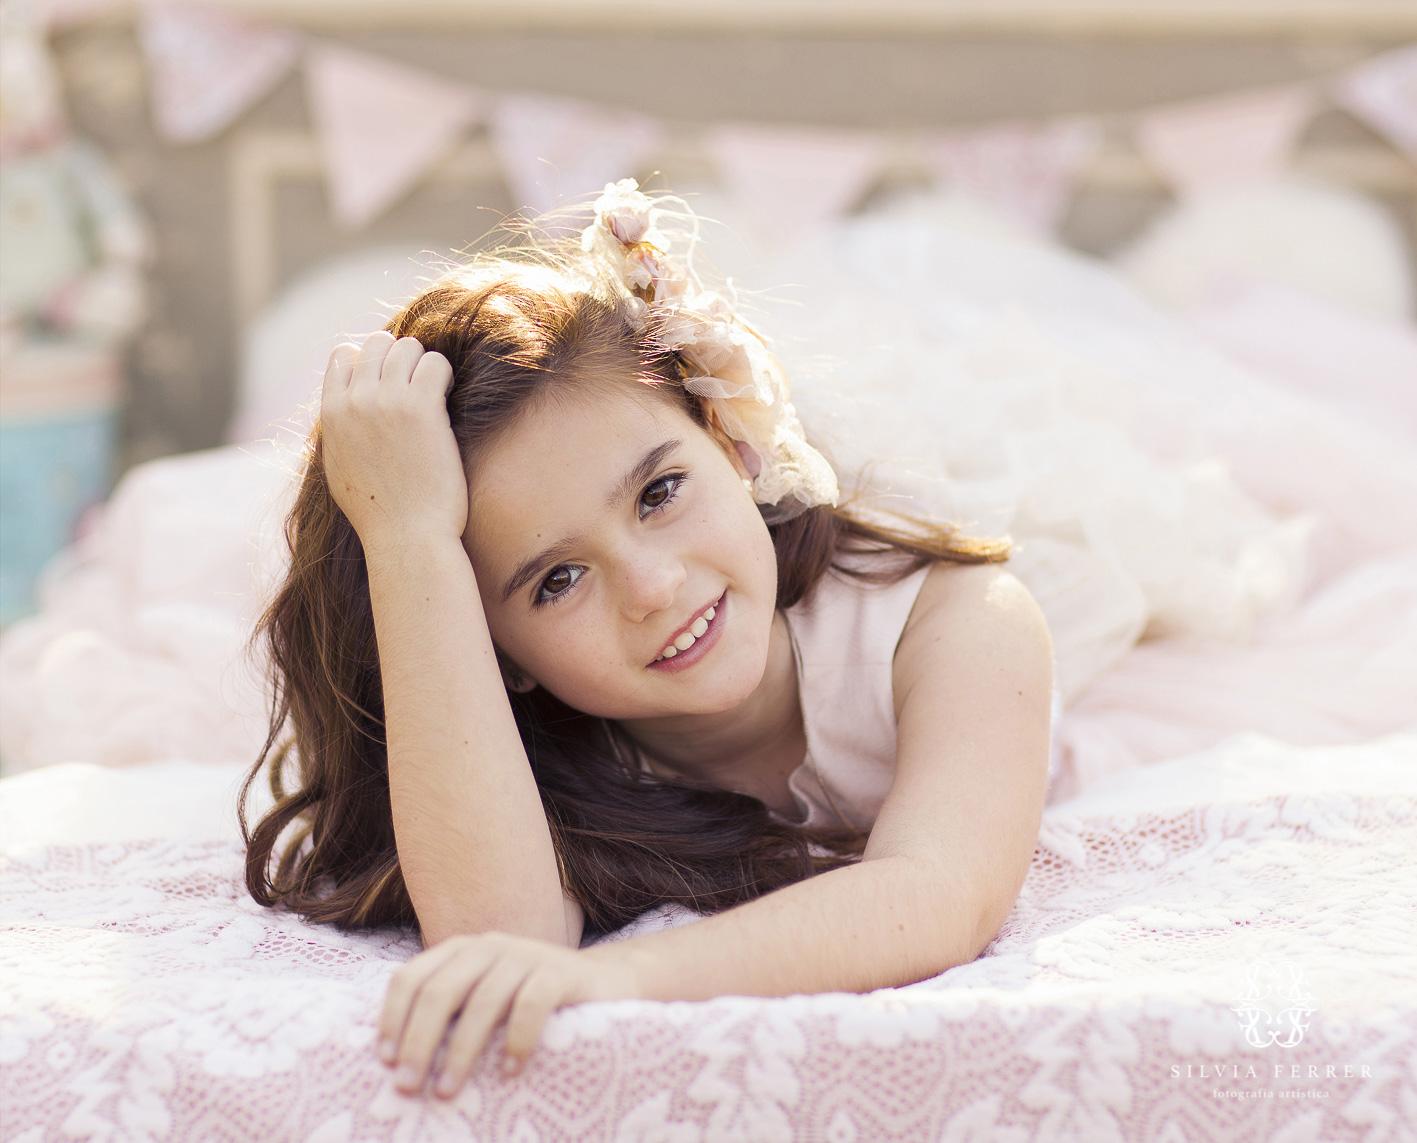 mejor fotografa de niños